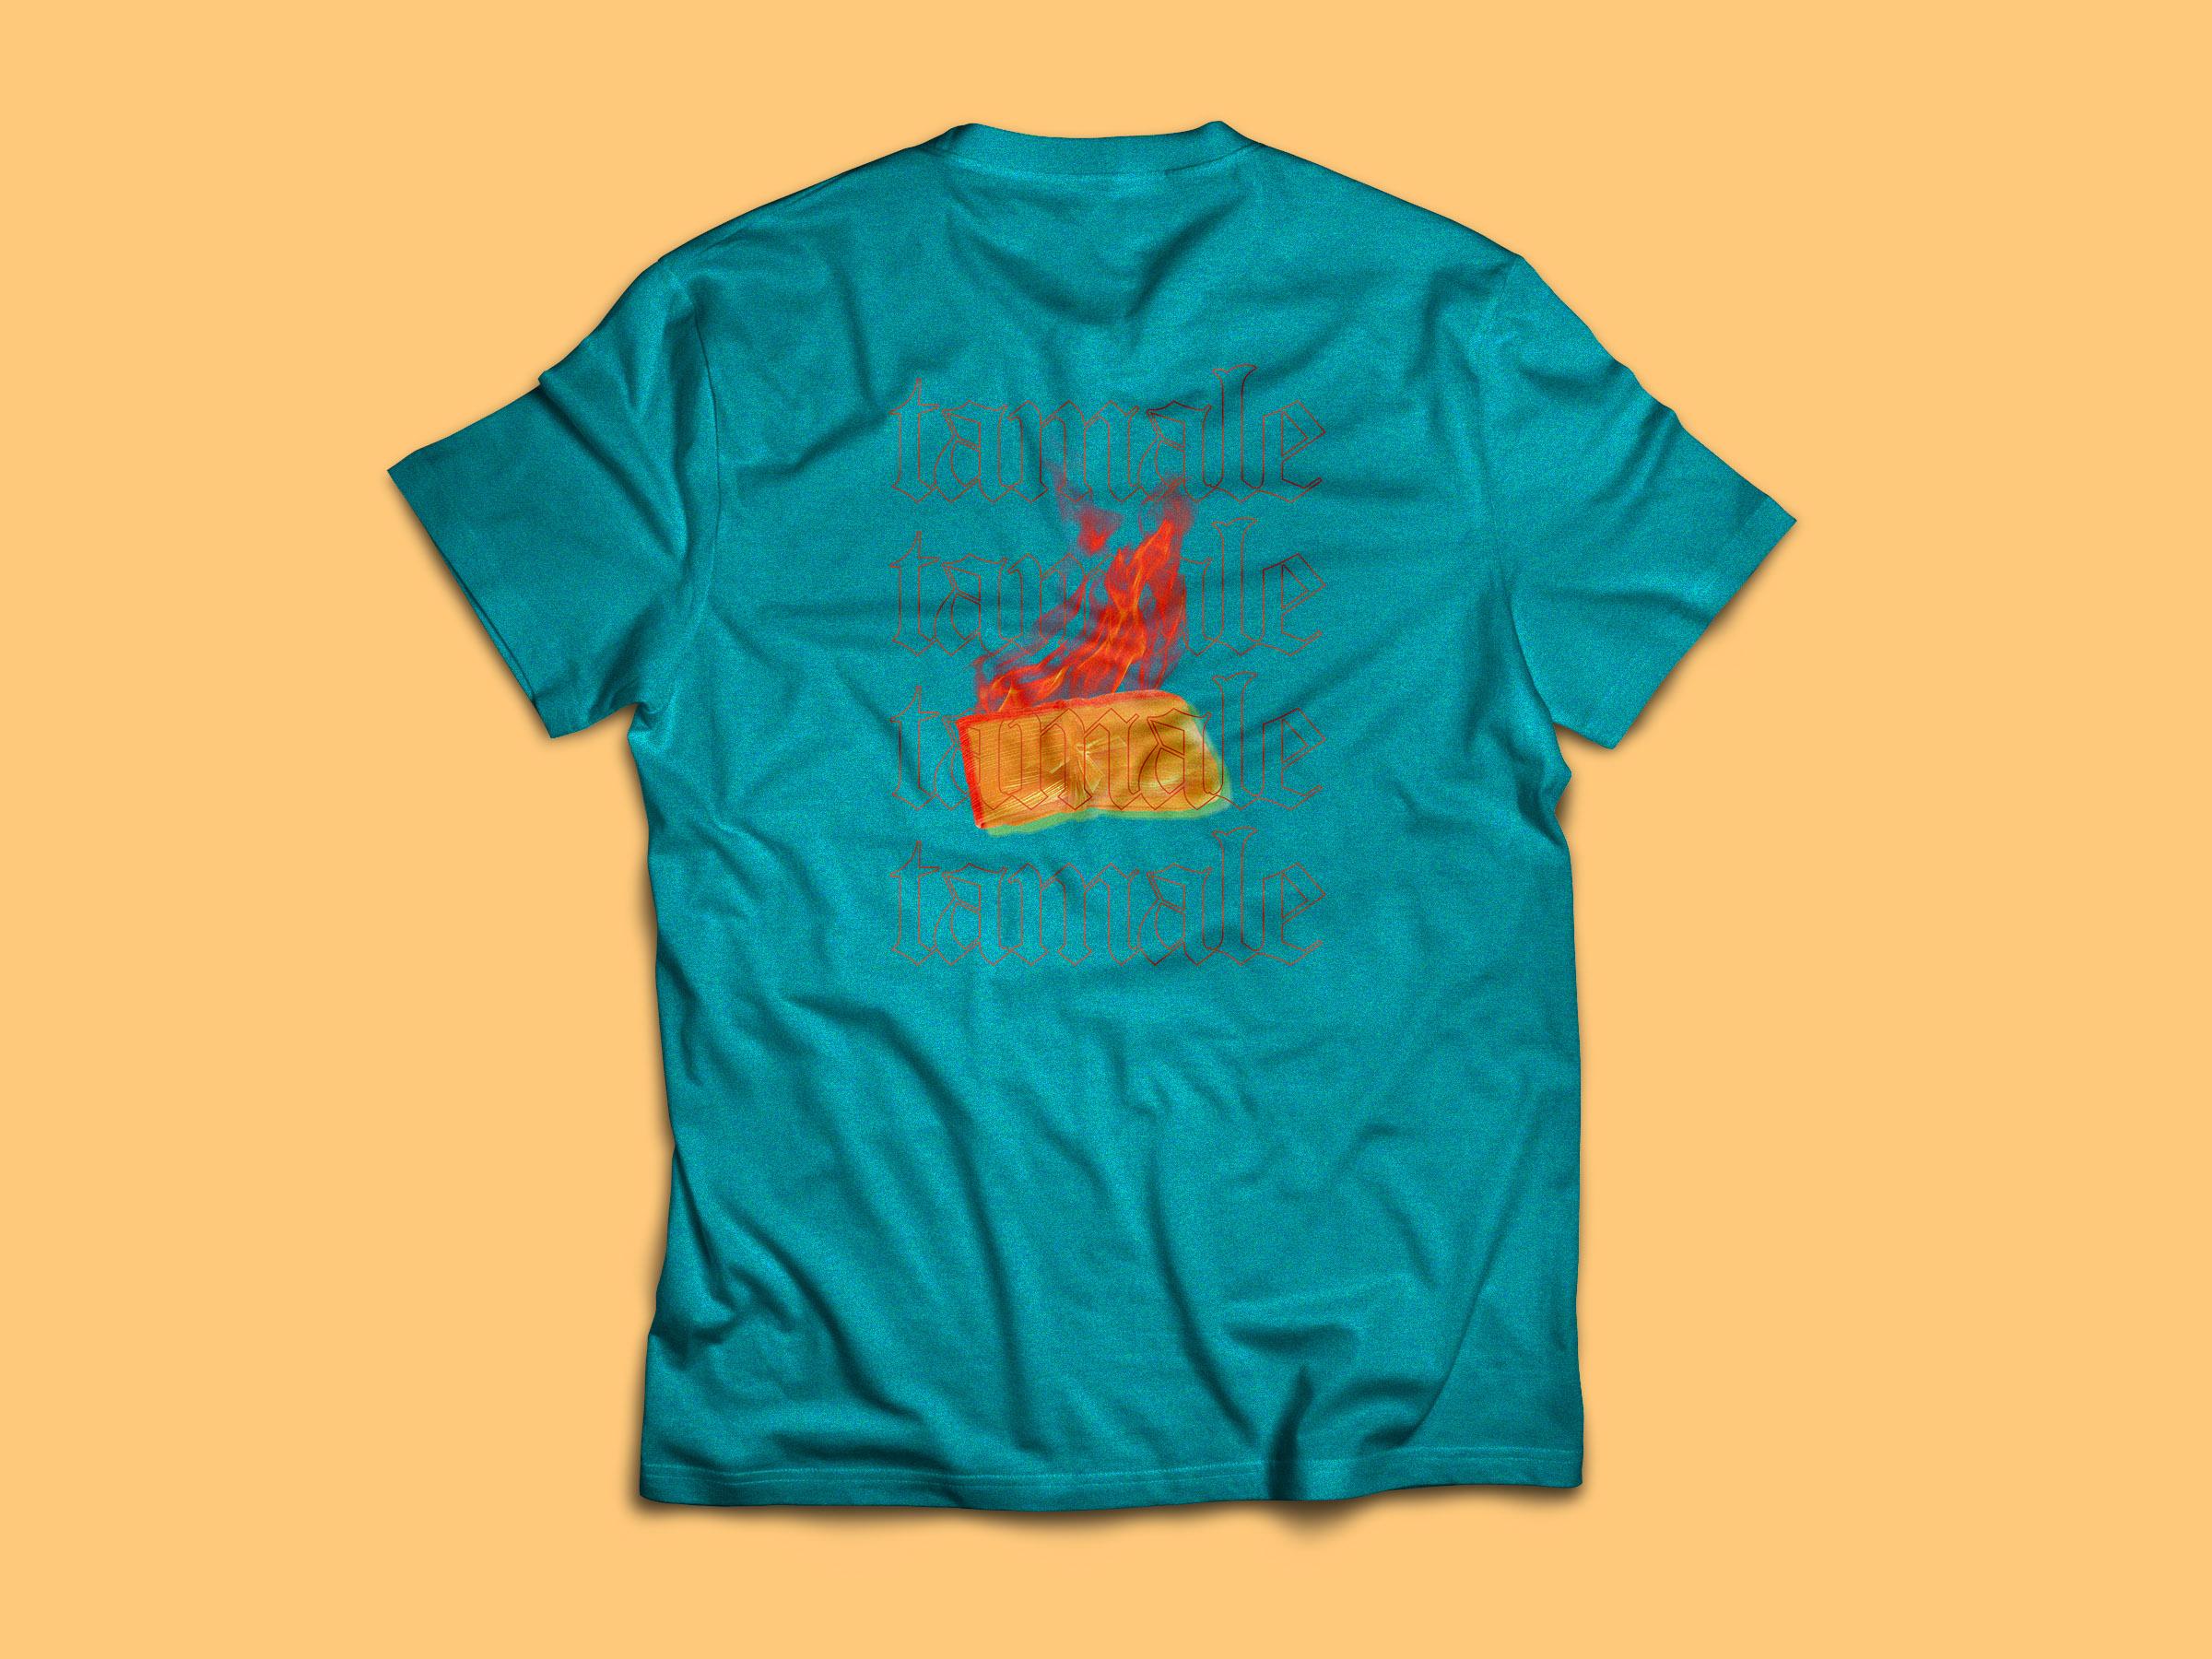 tamale_shirt_V1_BACK_bgc.jpg